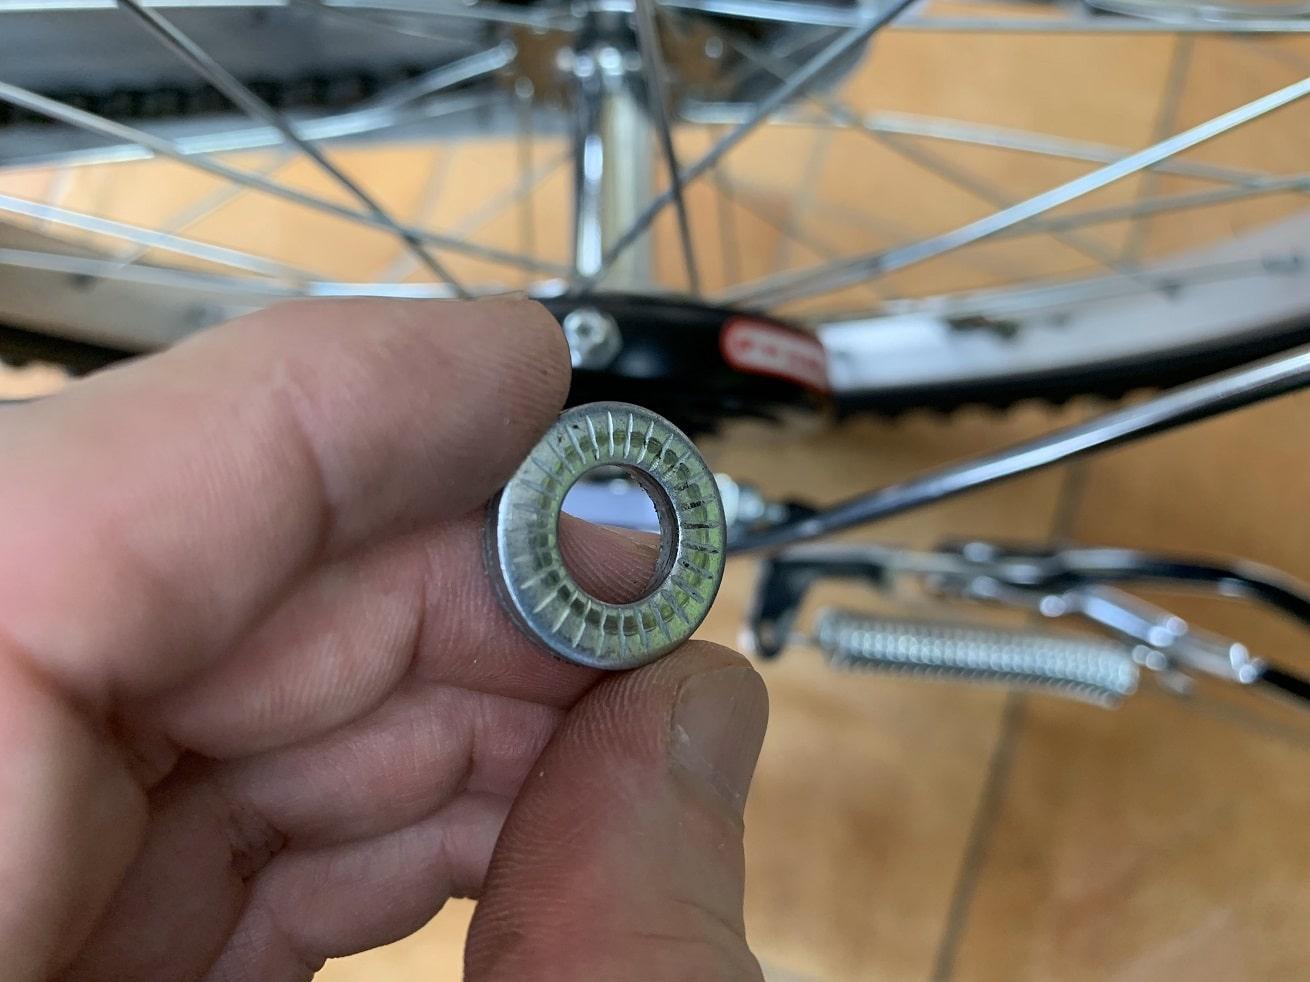 子供自転車のワッシャーの向きに注意する